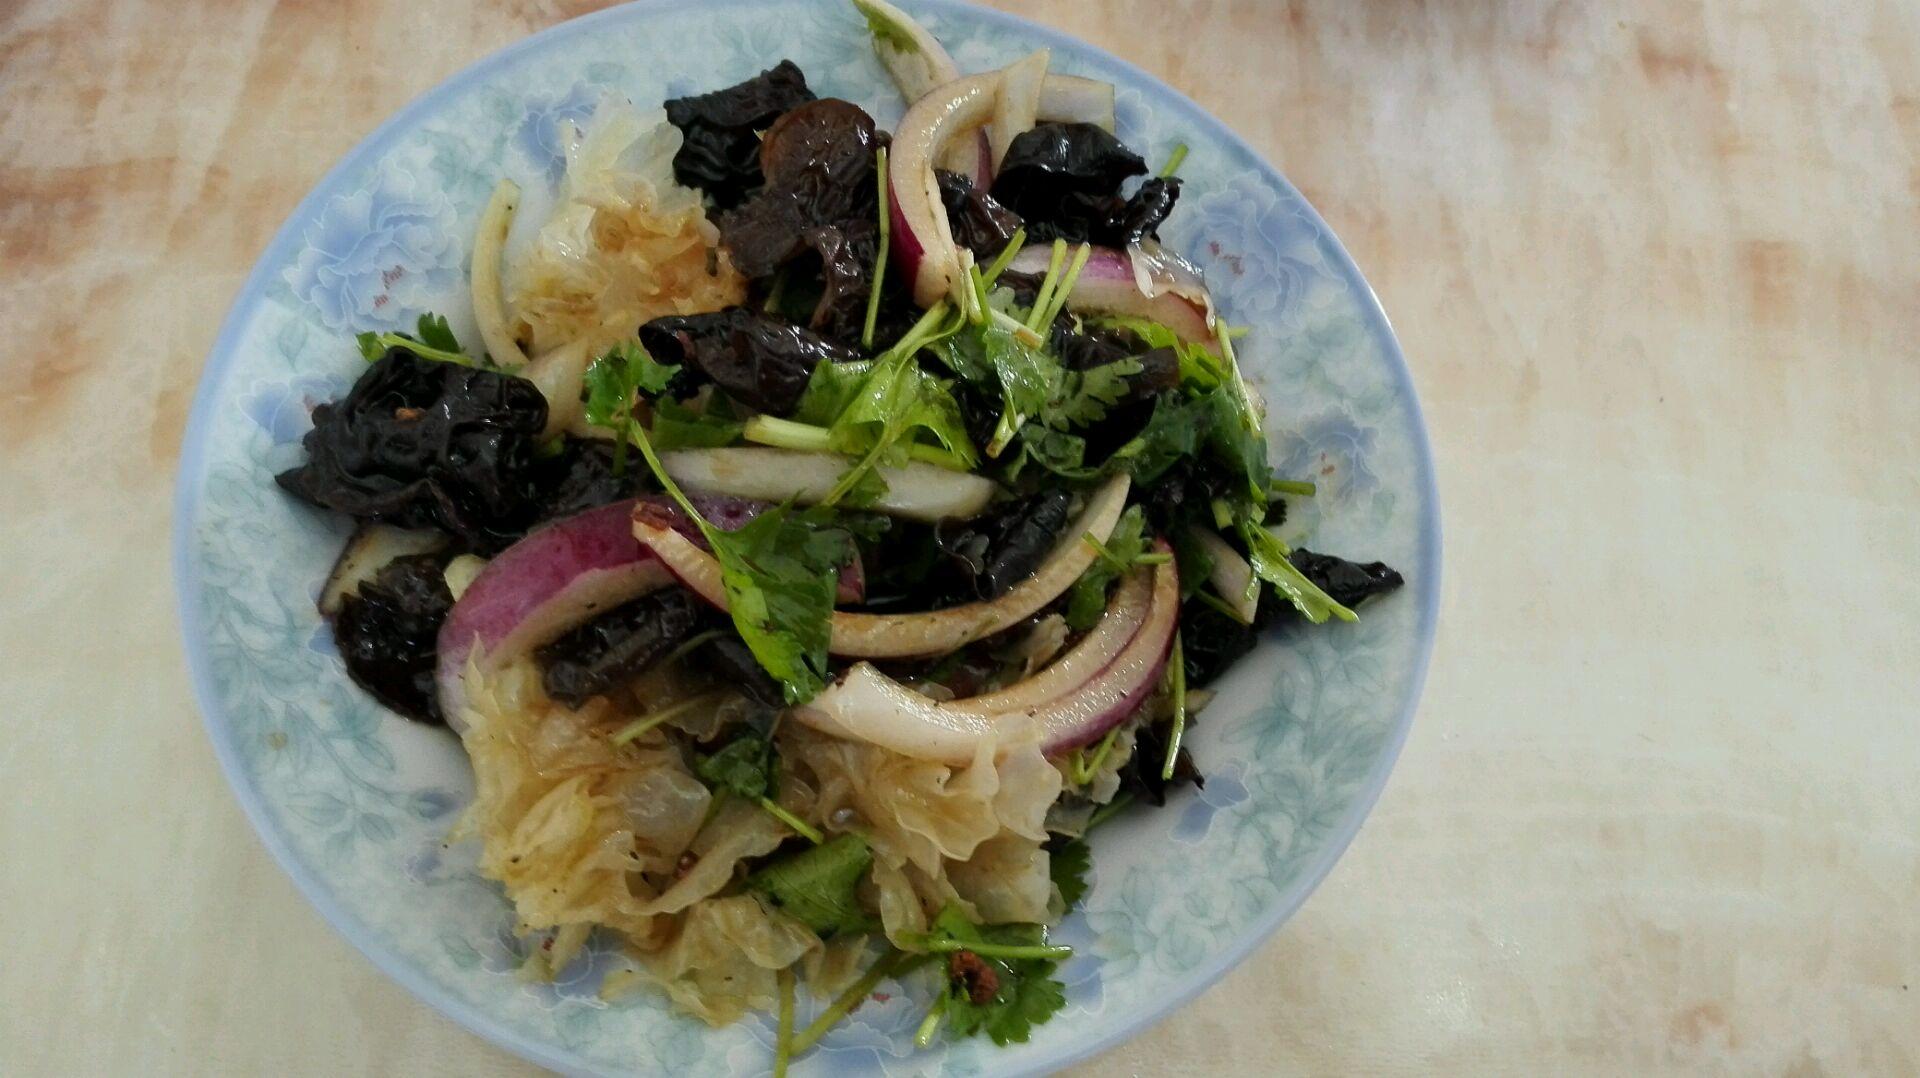 木耳适量 银耳适量 香菜适量 洋葱拌木耳,银耳(凉菜)的做法步骤